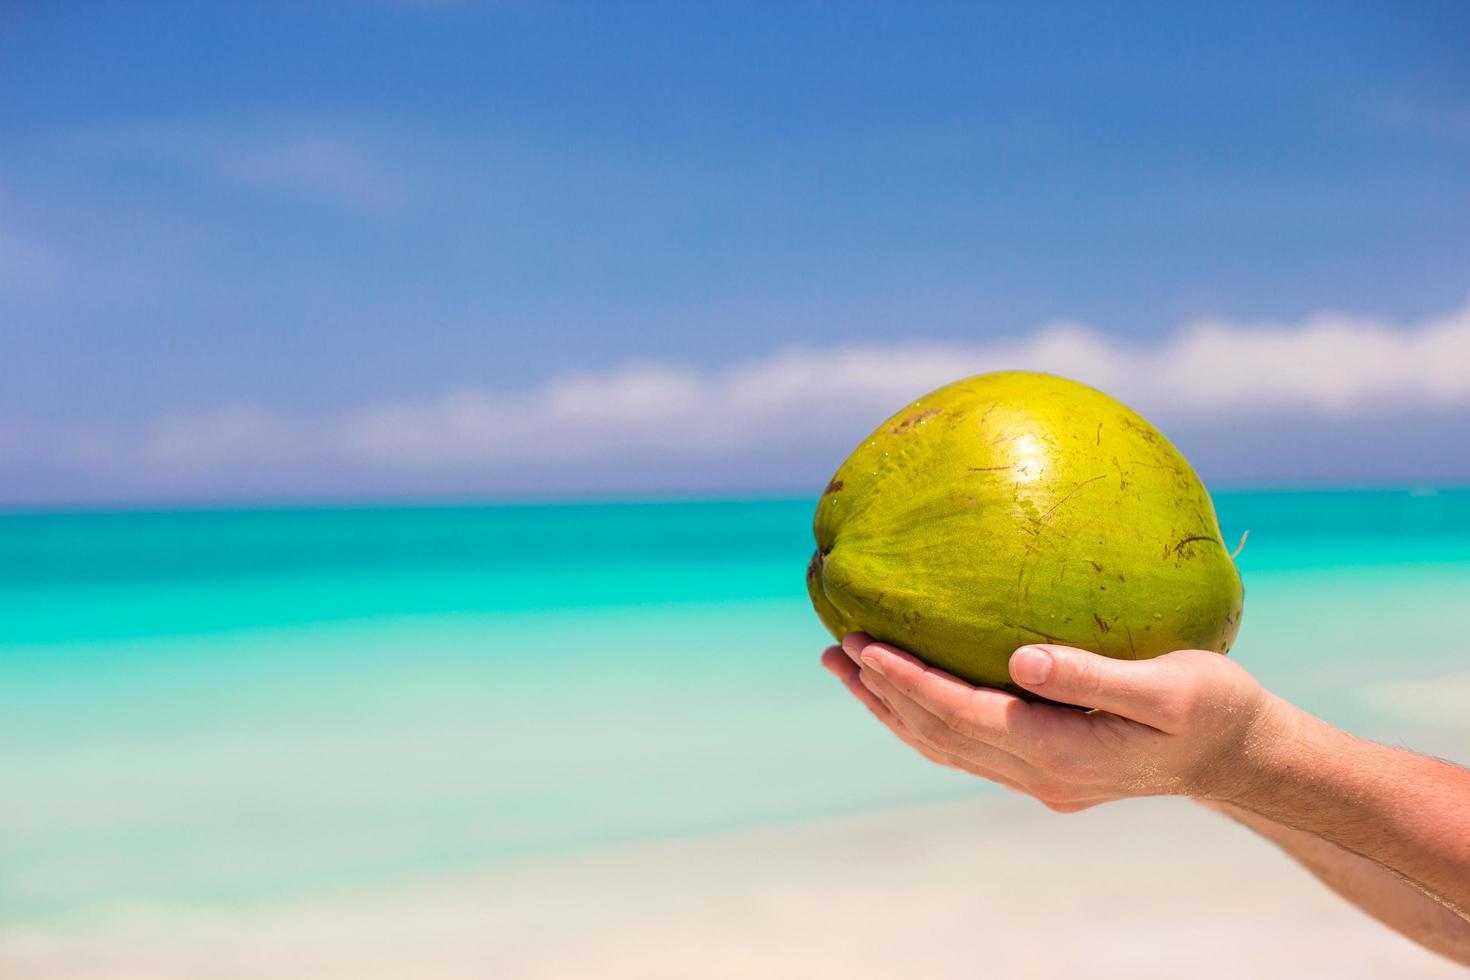 personne tenant une noix de coco sur une plage photo